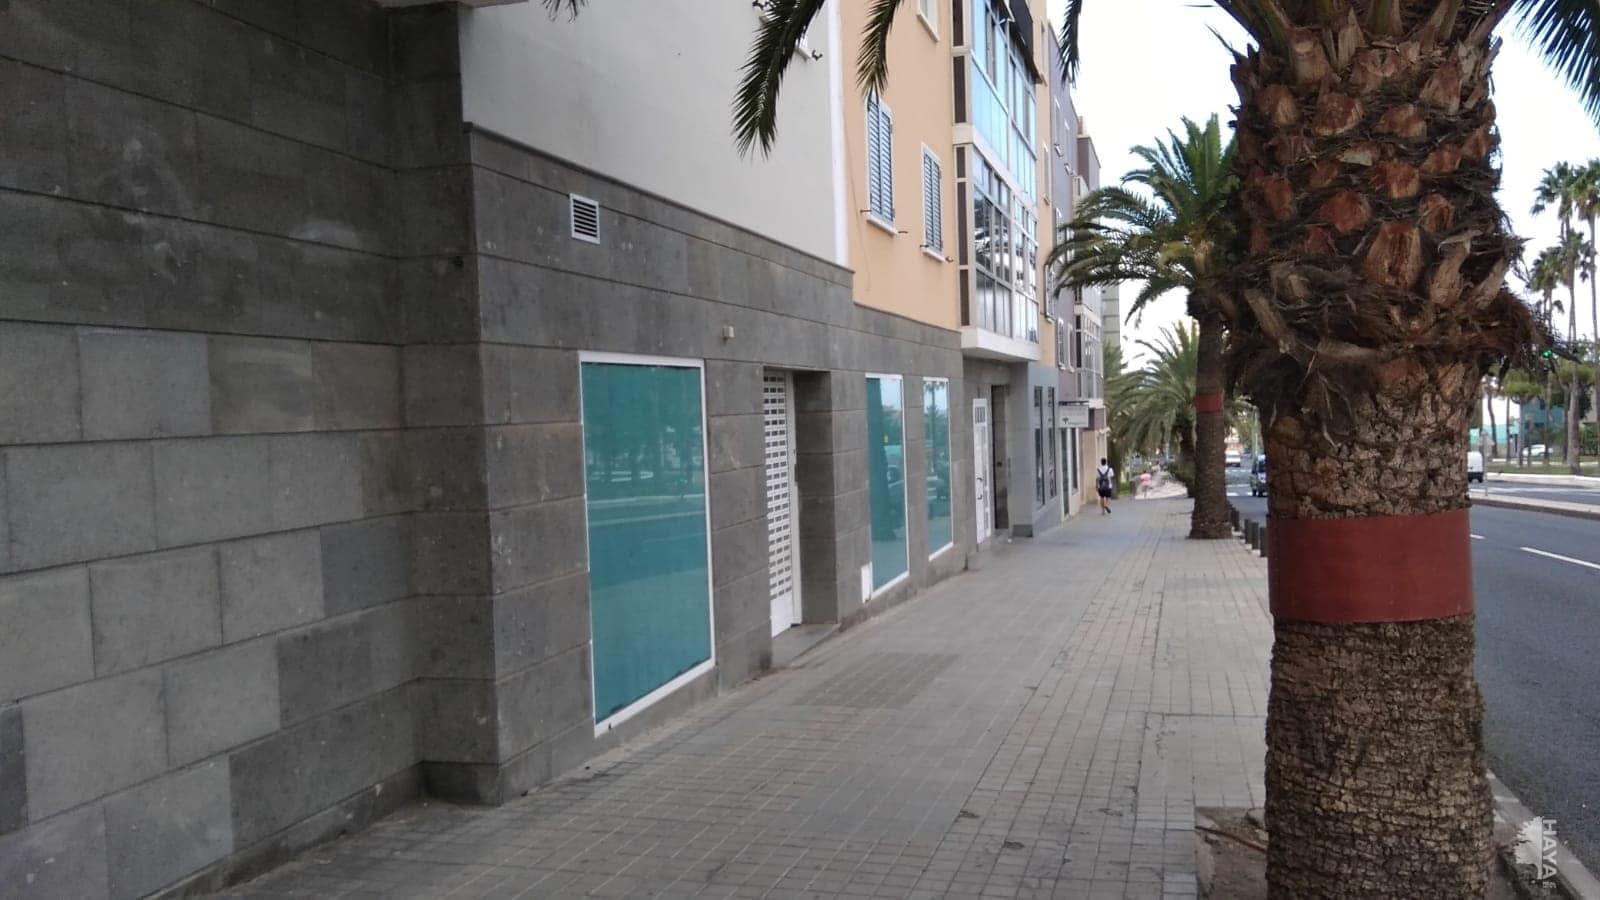 Local en venta en Las Palmas de Gran Canaria, Las Palmas, Avenida Escaleritas, 218.738 €, 173 m2